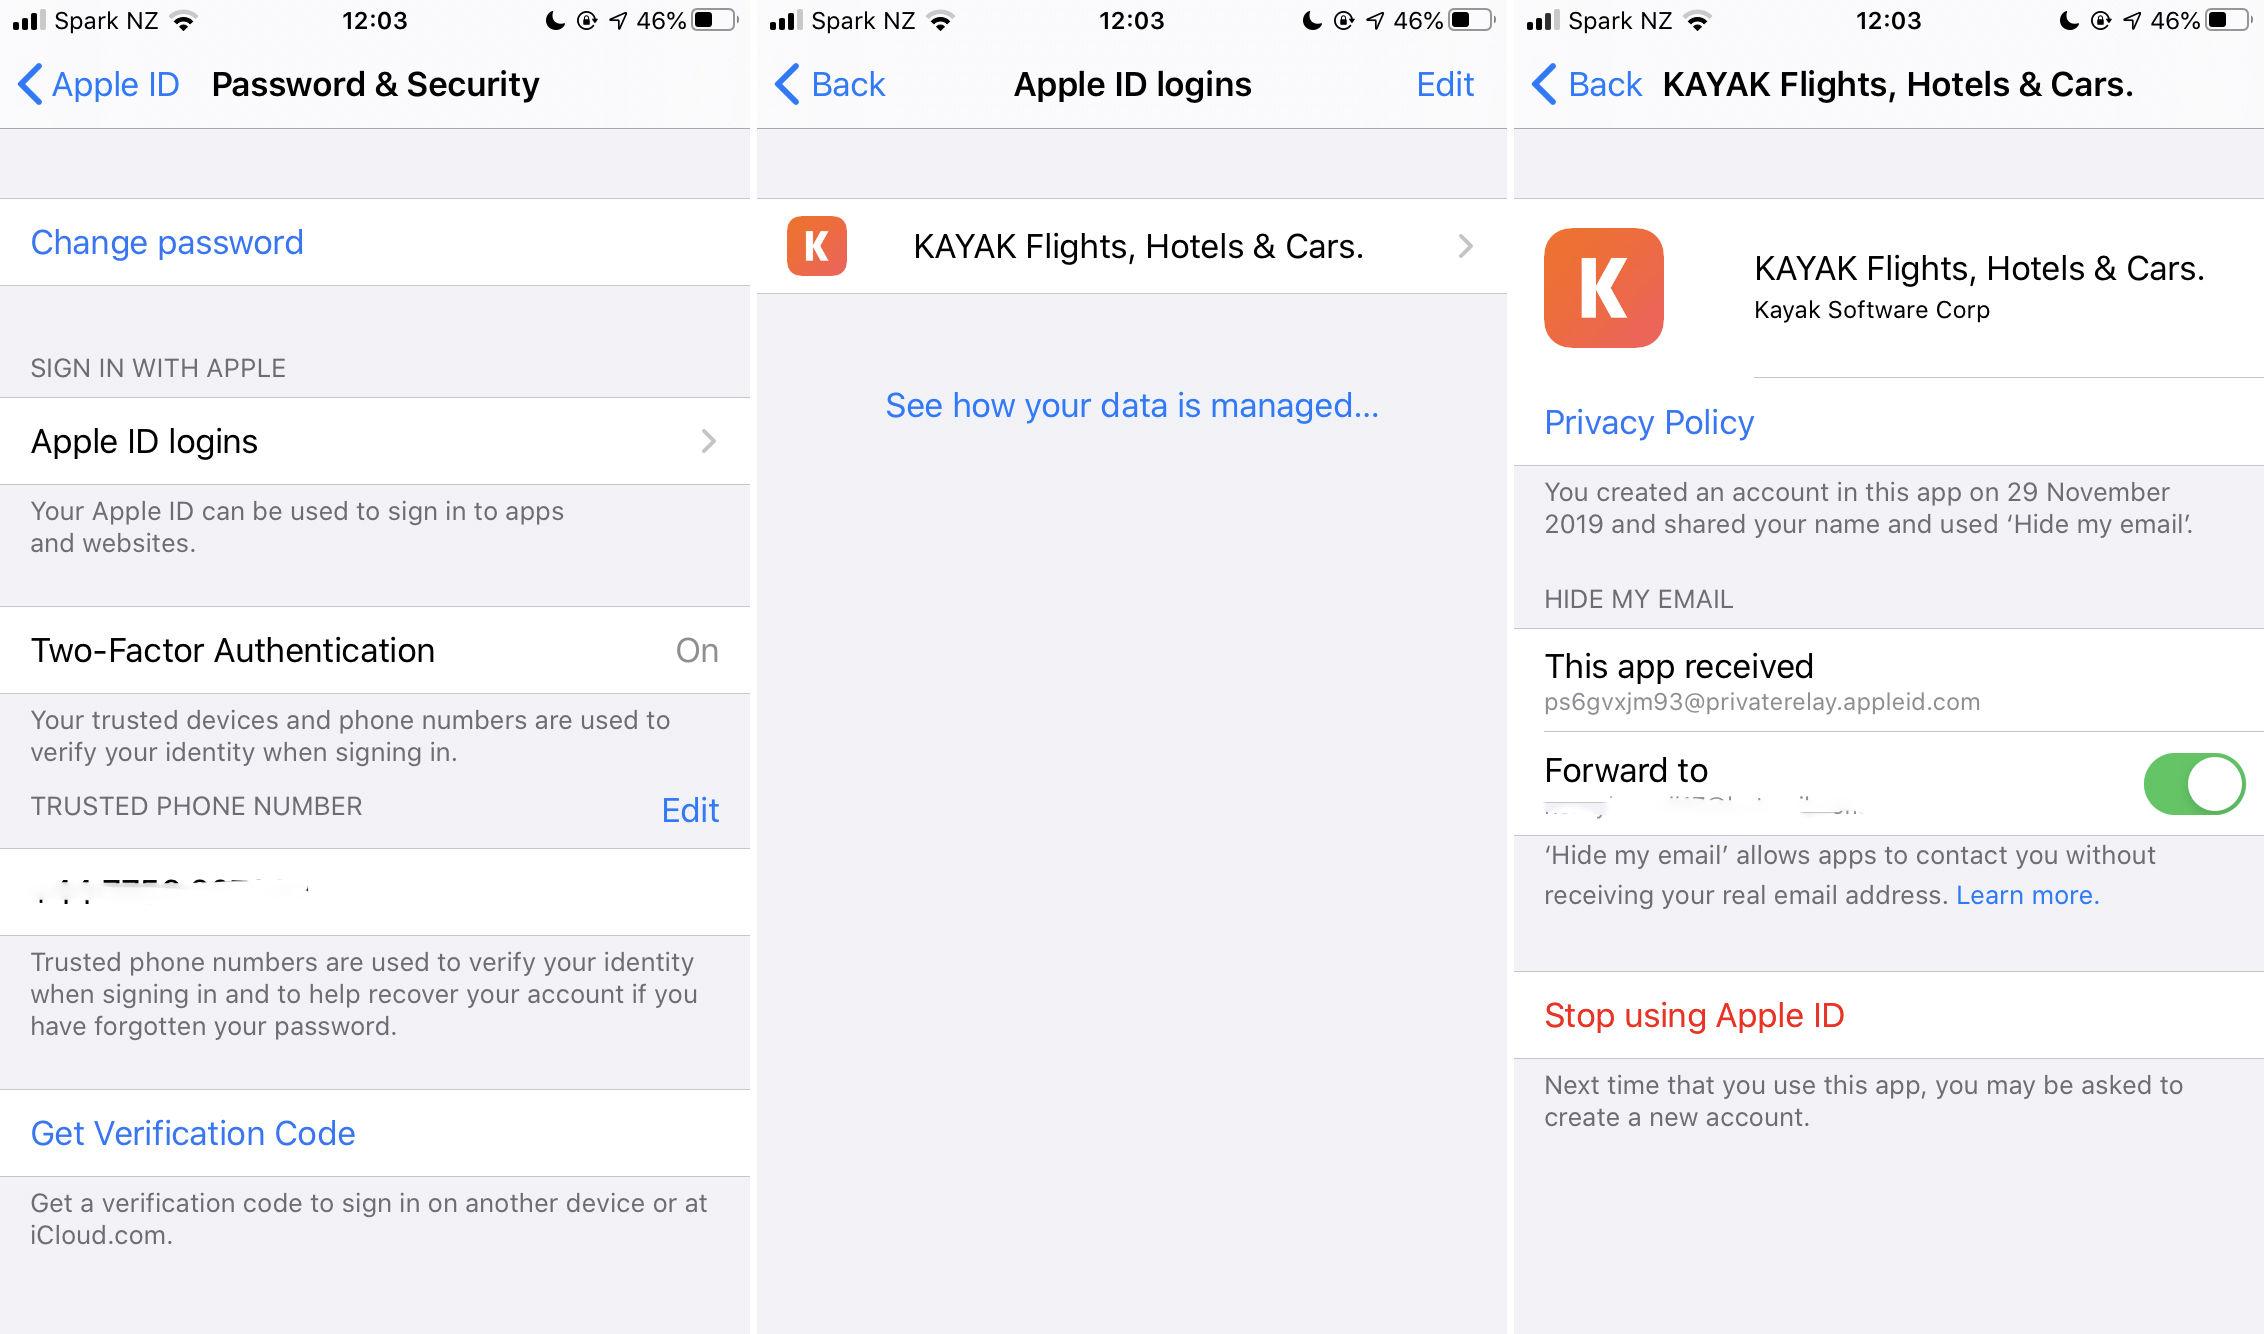 Cómo ver qué aplicaciones están usando Iniciar sesión con Apple